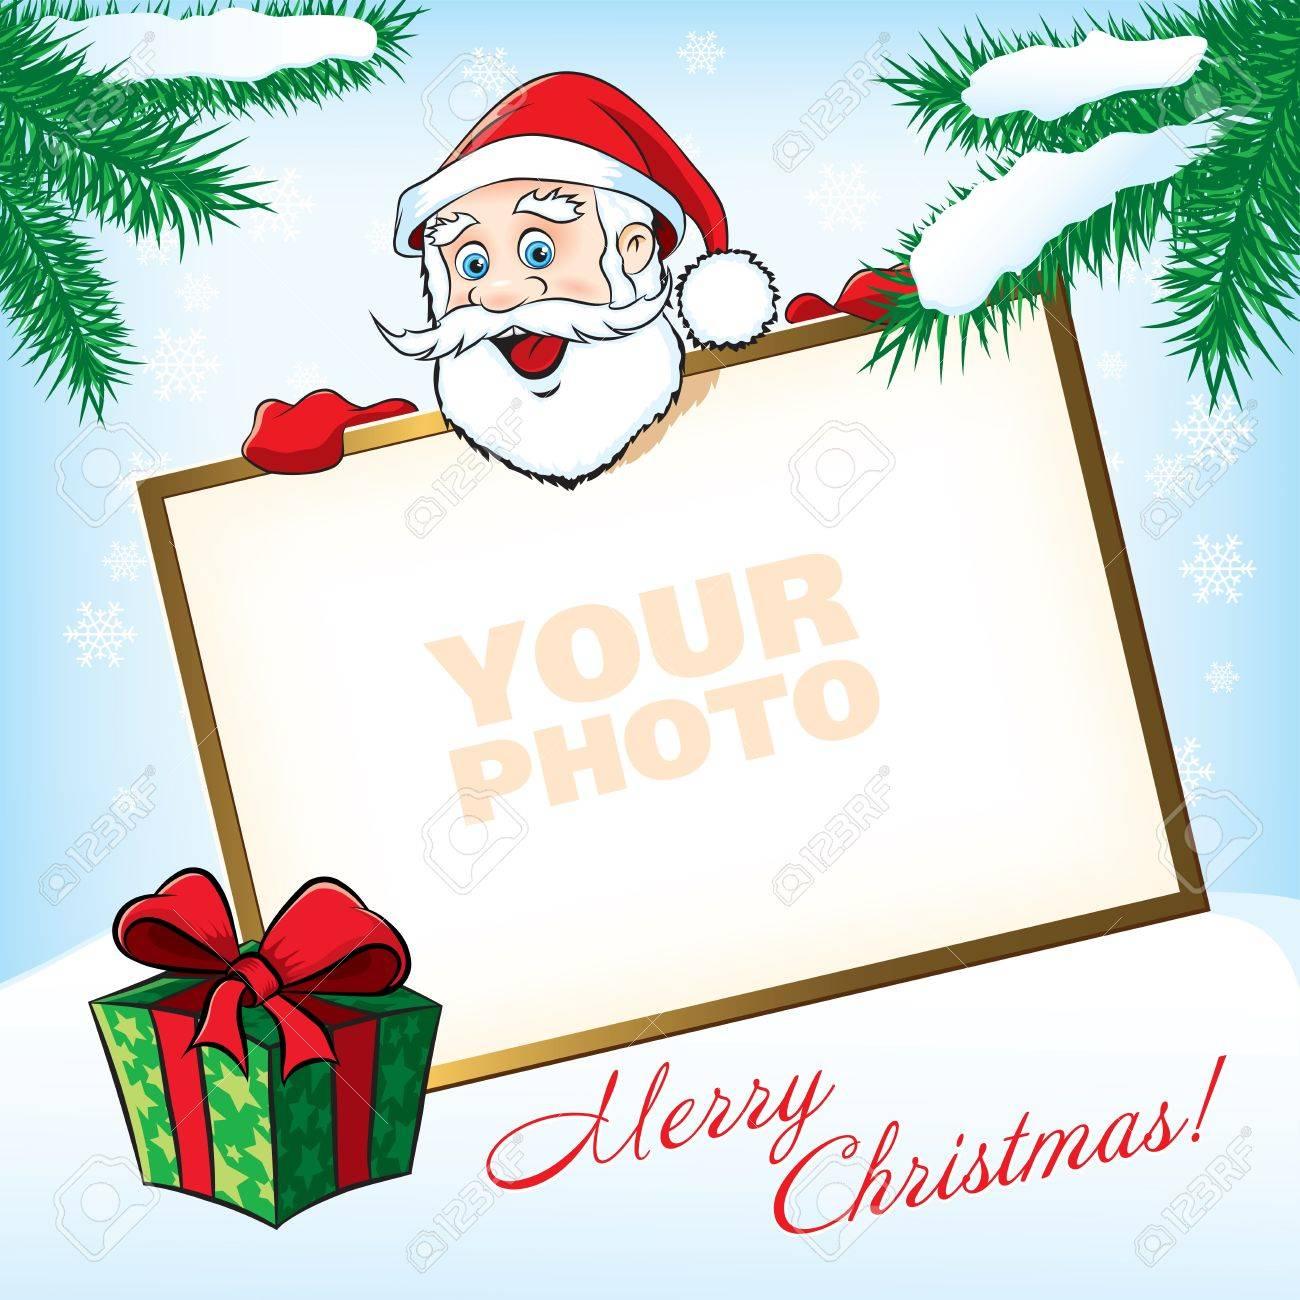 Weihnachten Santa Claus Mit Geschenk. Grußkarte Lizenzfrei Nutzbare ...